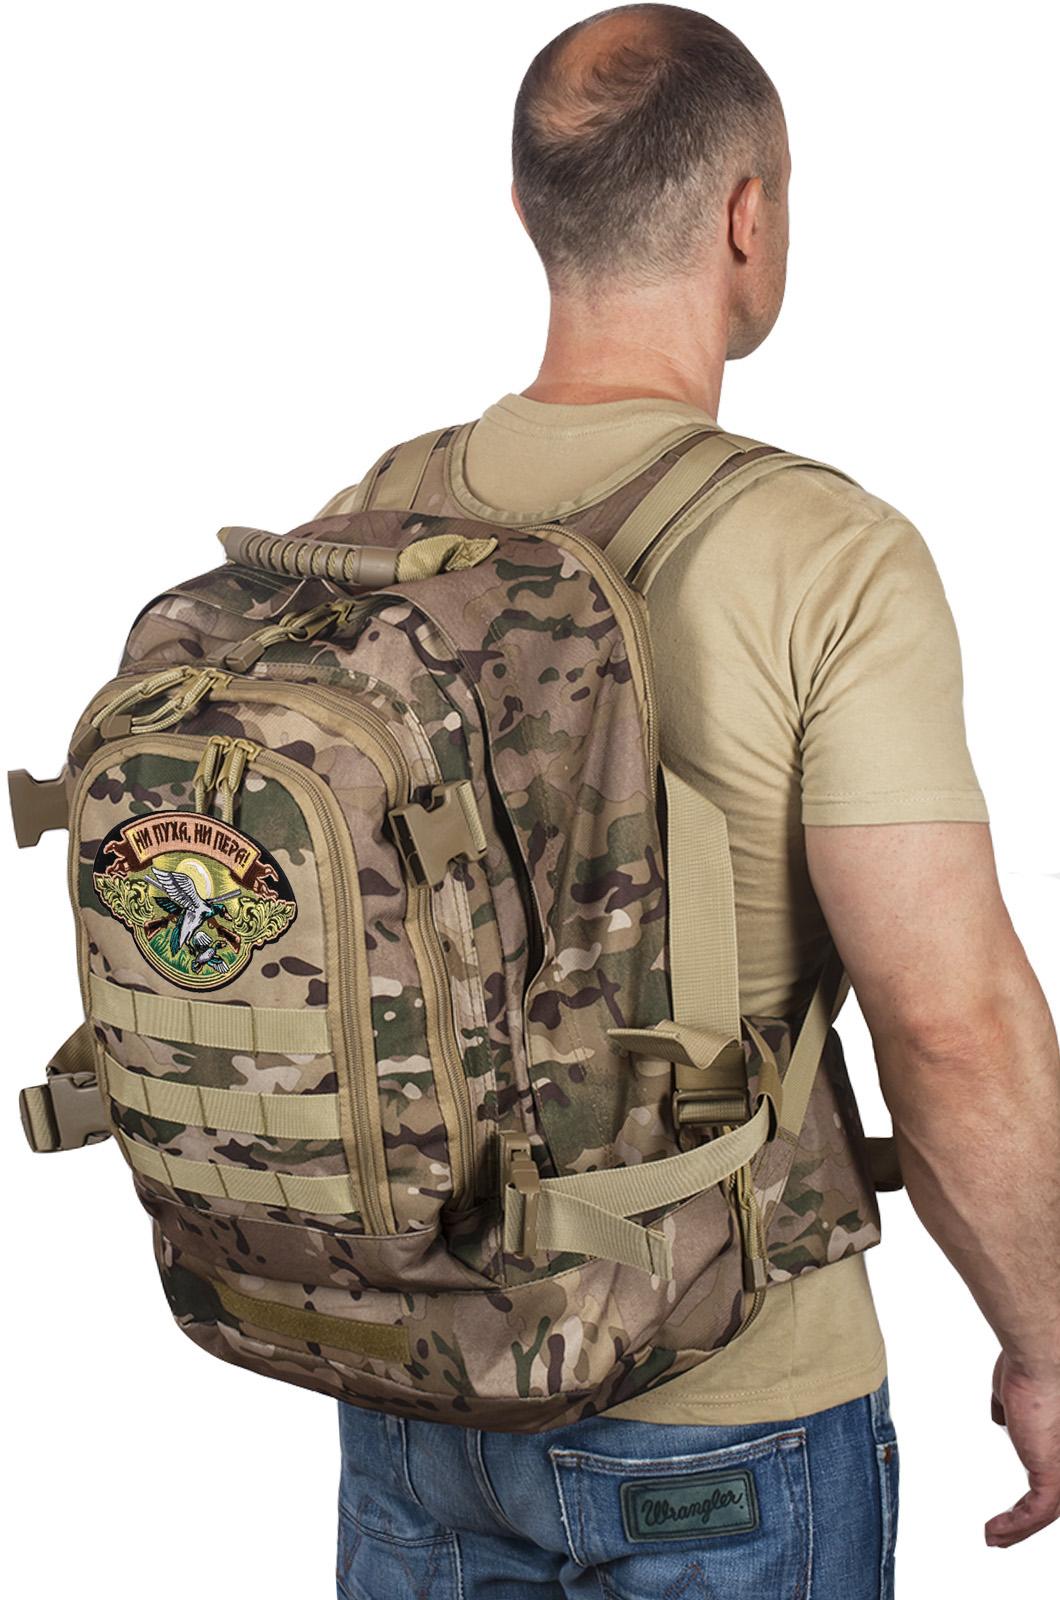 охотничий камуфляжный рюкзак с нашивкой Ни Пуха ни Пера - заказать в подарок